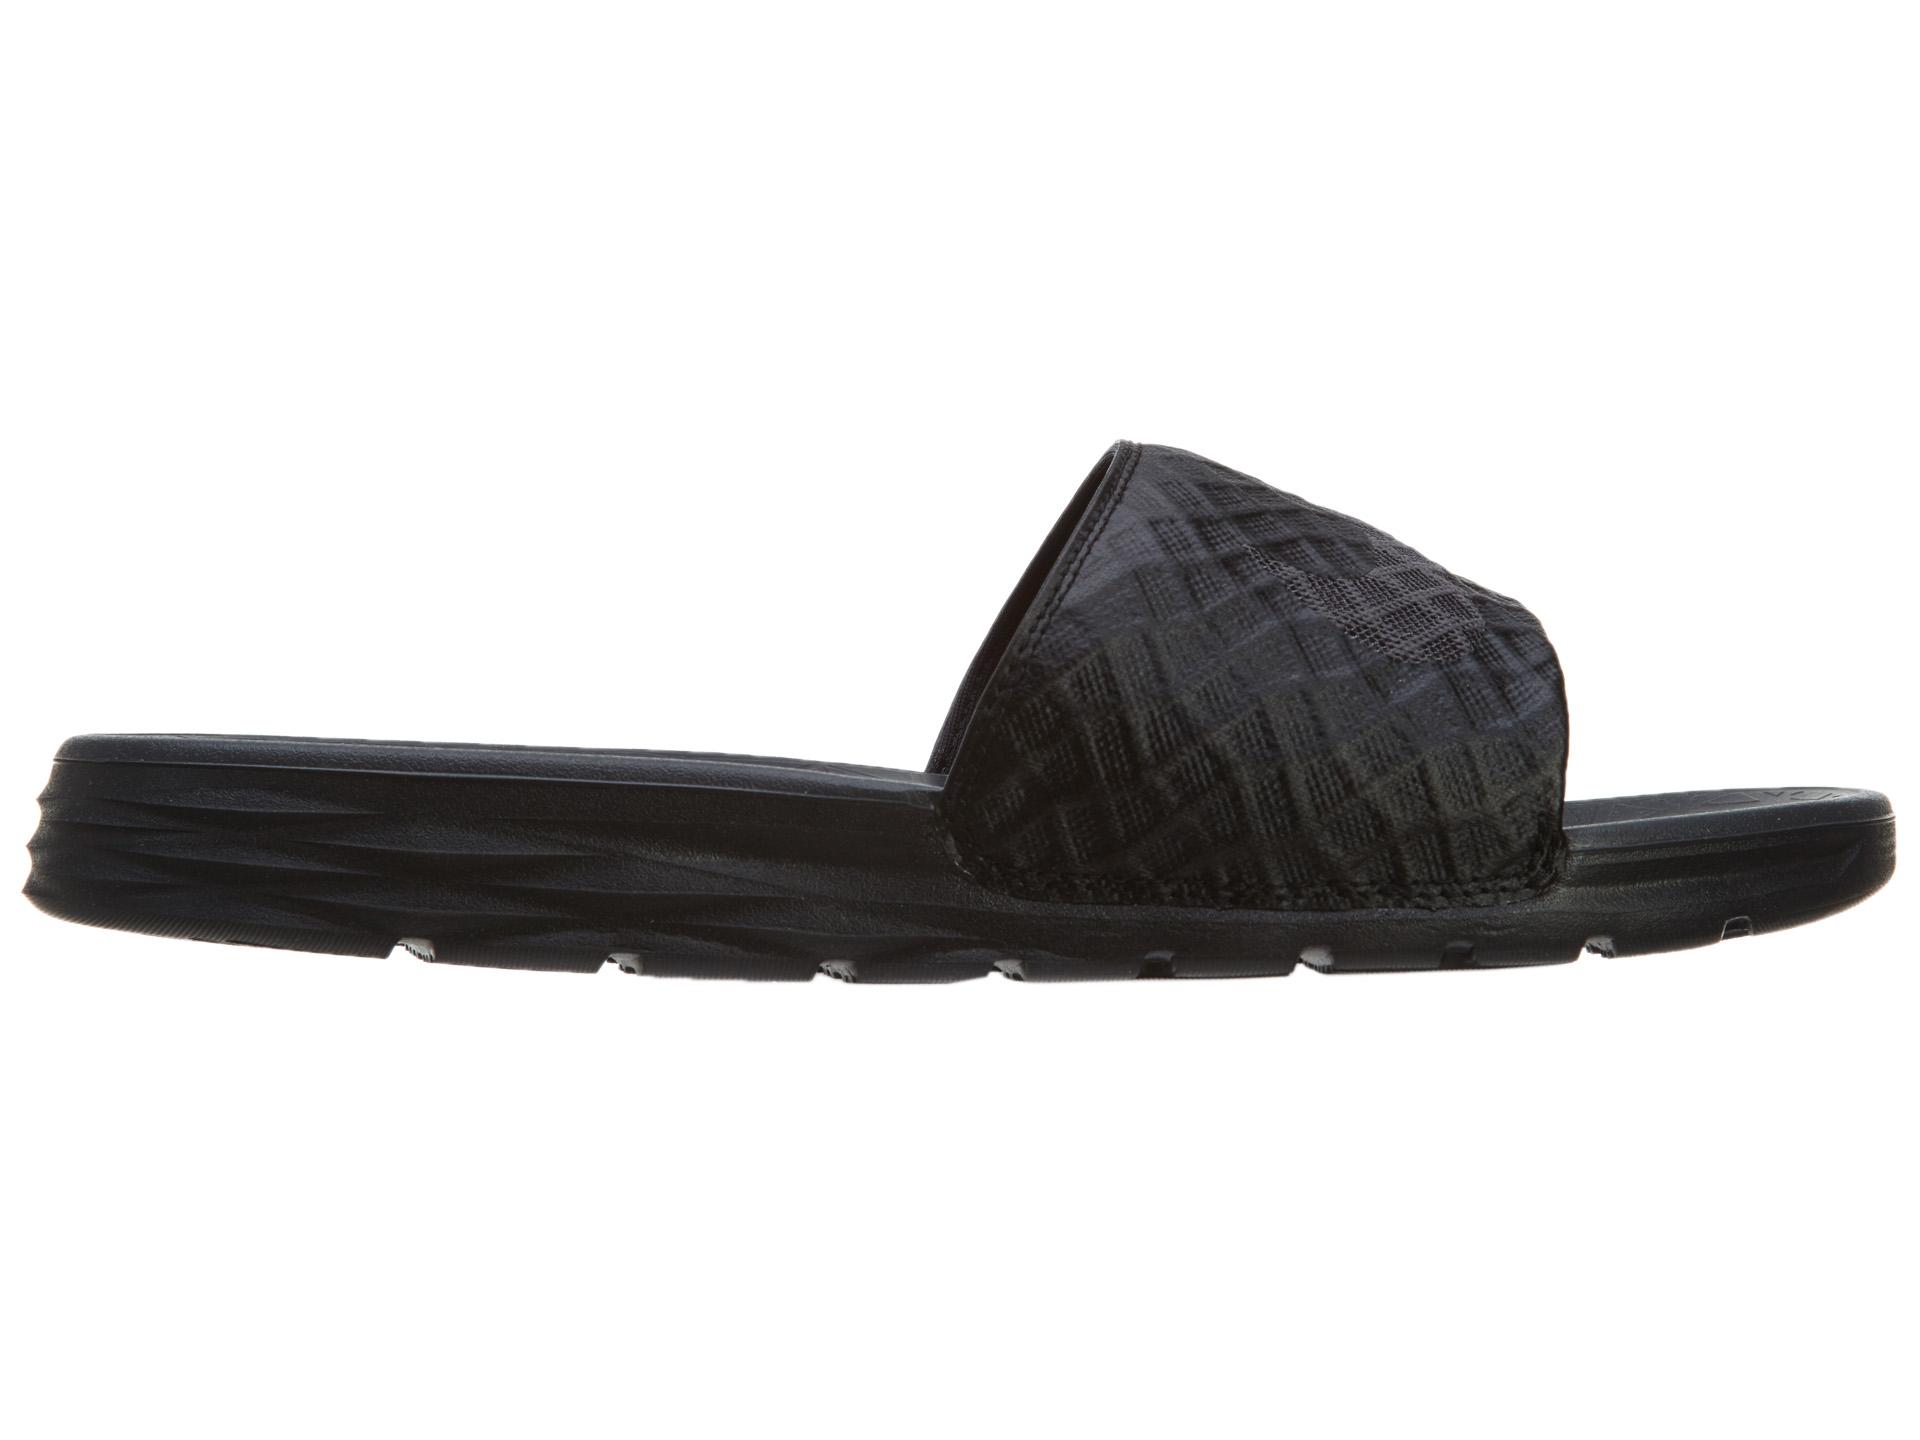 Nike Benassi Solarsoft Slide 2 Black